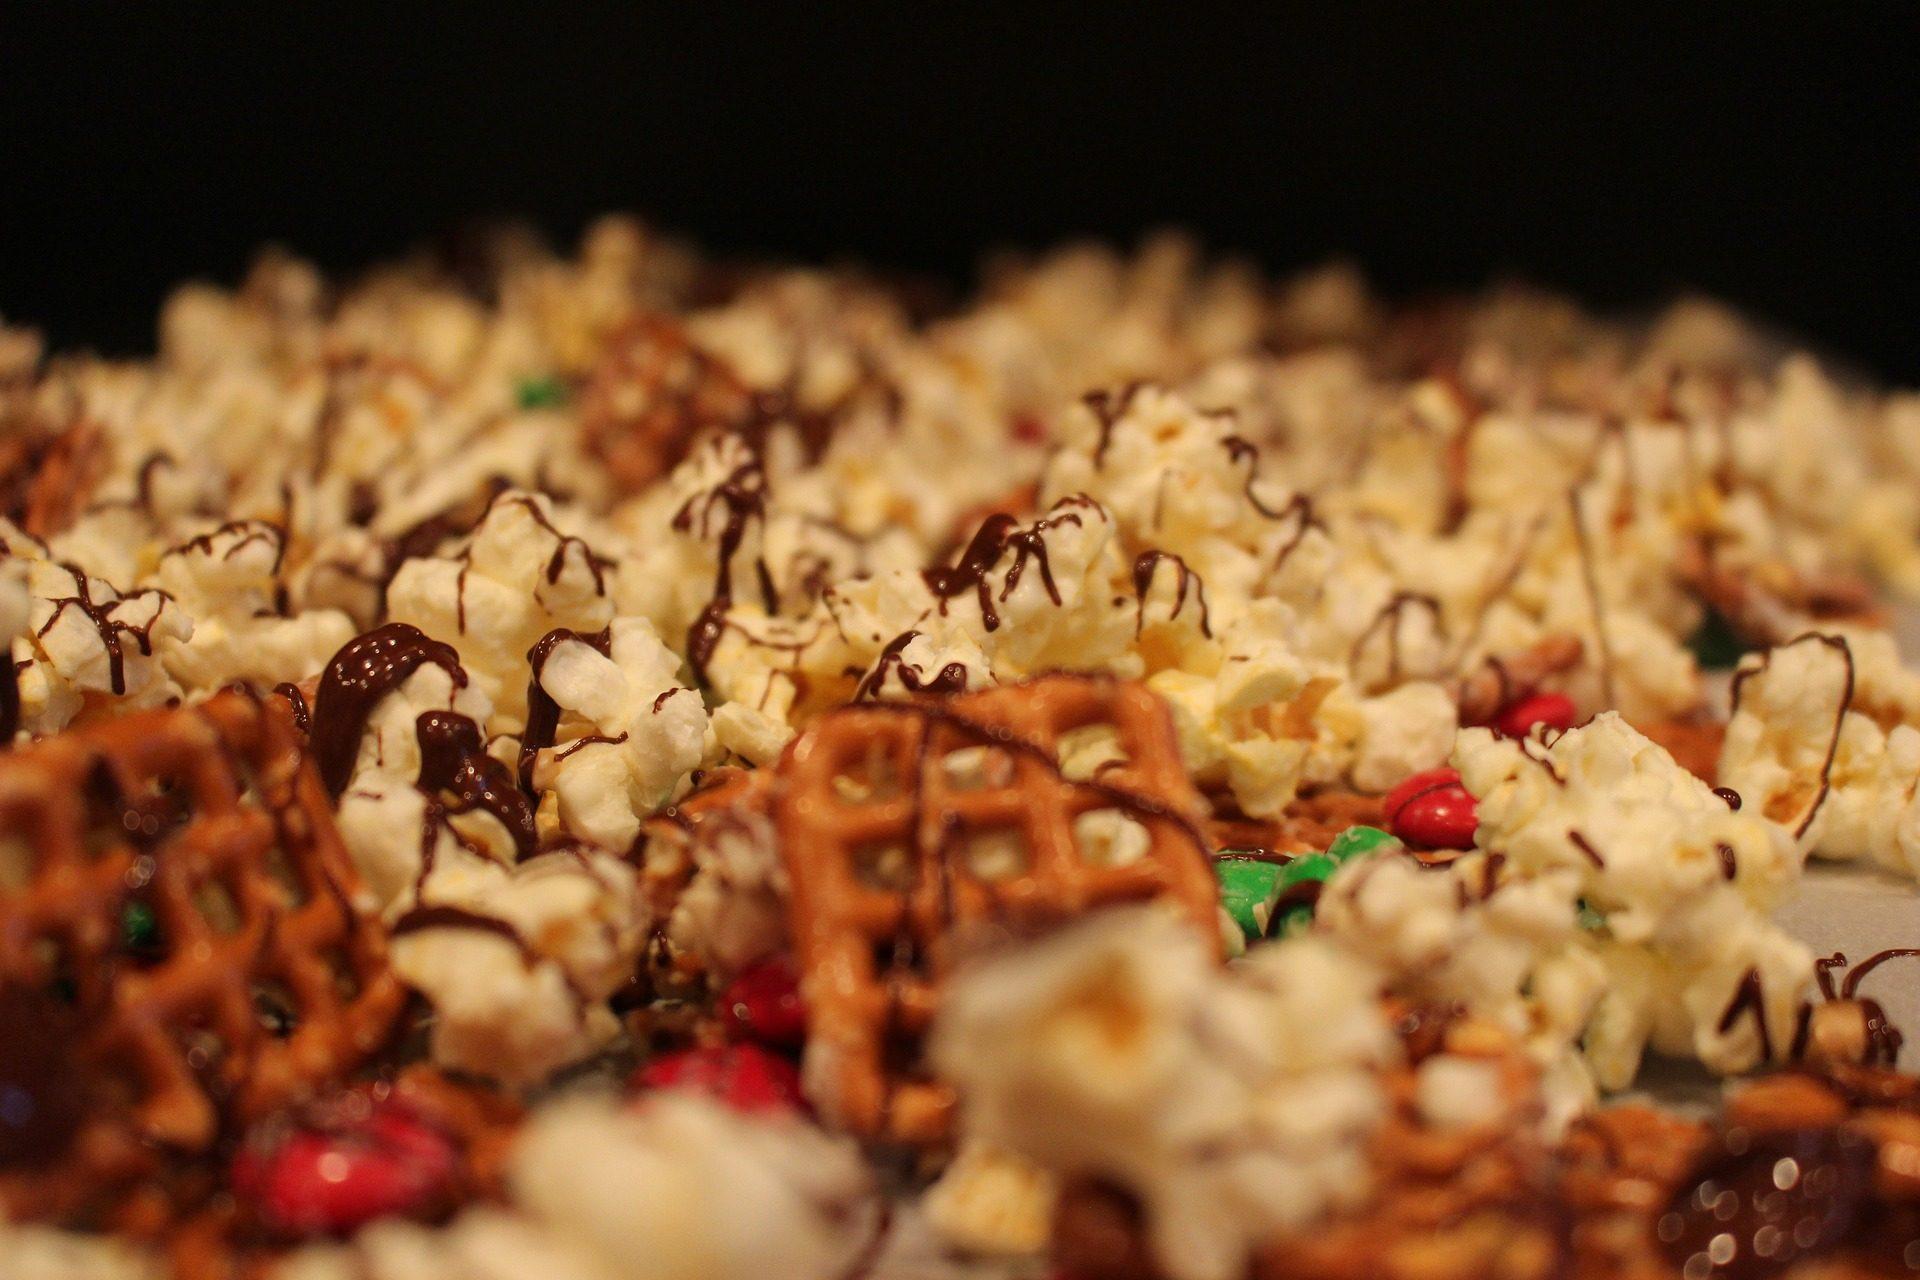 ポップコーン, キャンディ, 甘い, チョコレート, プレッツェル, スナック - HD の壁紙 - 教授-falken.com